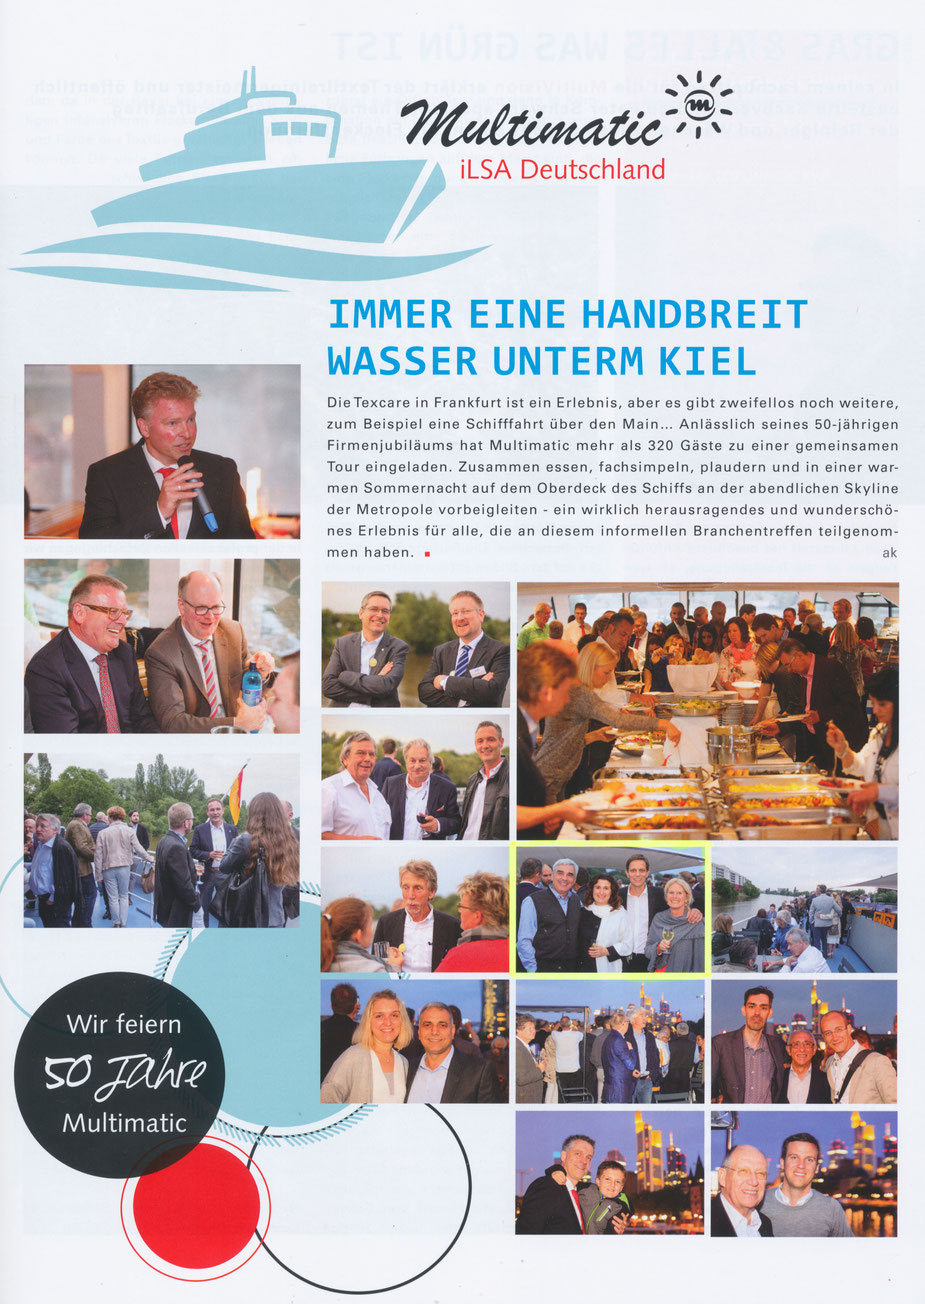 BLOG, Pressebericht Multimatic Bericht Wasser unterm Kiel 2015.05